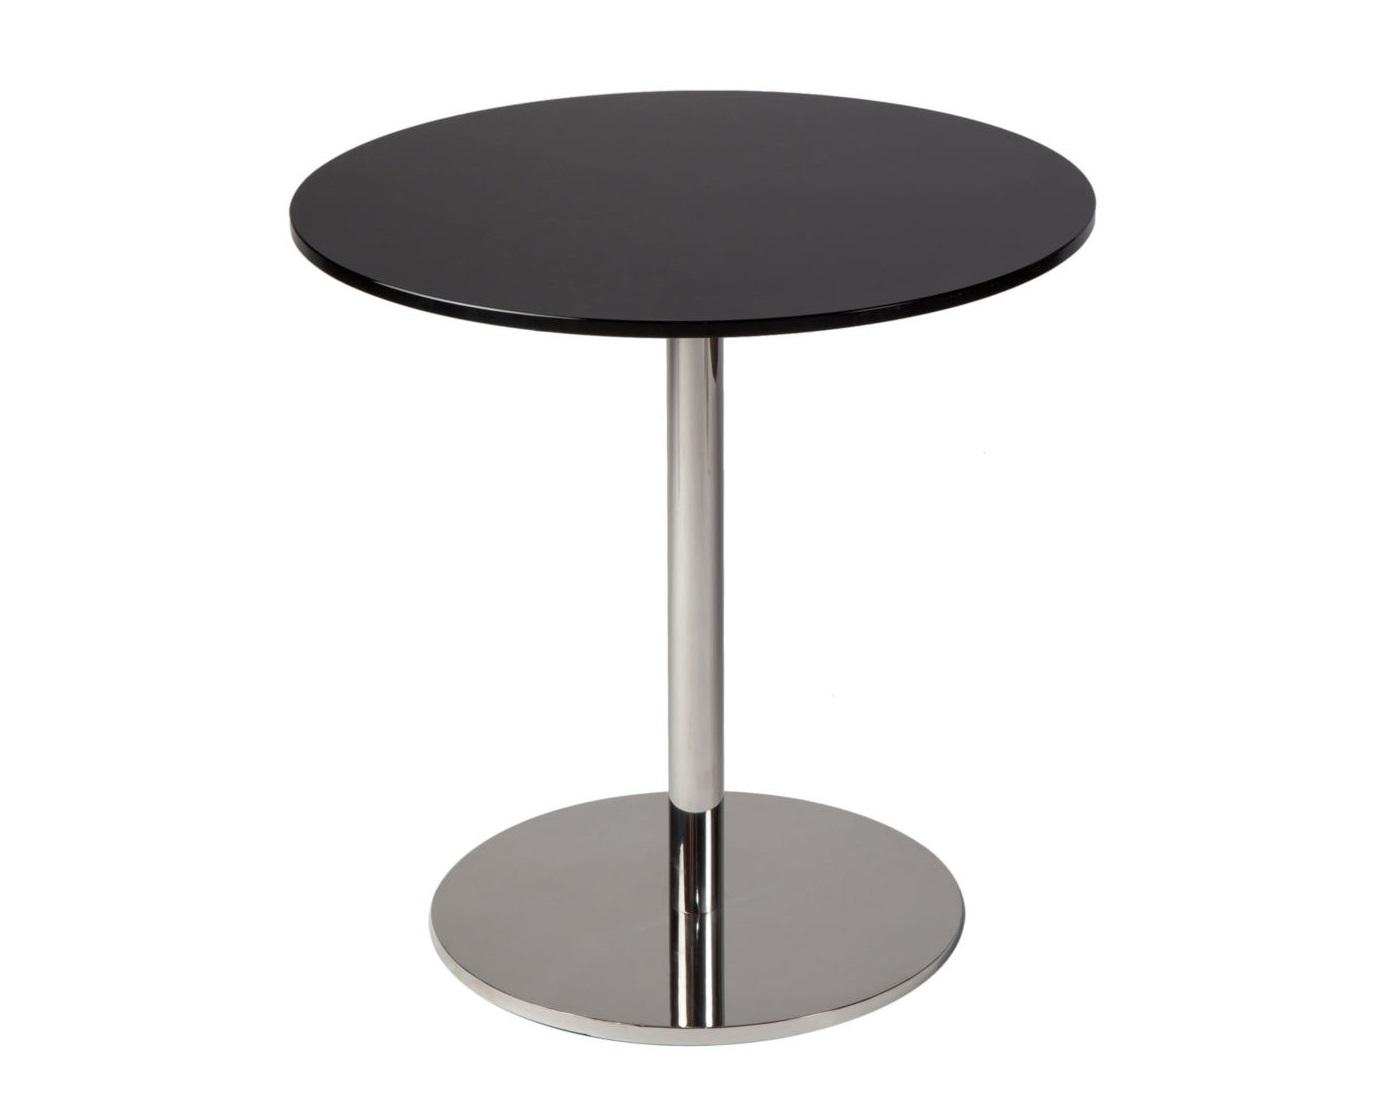 Стол WindyКофейные столики<br>Ничего лишнего, только мрамор и сталь. И, конечно, идеальная лаконичная форма. Каменная столешница – гениальное изобретение дизайнеров, позволяющее сохранить вашу любимую мебель в первозданном виде надолго. Такому столу не страшны горячие чашки и необузданные гости – он стерпит все, не теряя со временем своей красоты и благородства.&amp;nbsp;Материал: Мрамор, металл.<br><br>kit: None<br>gender: None